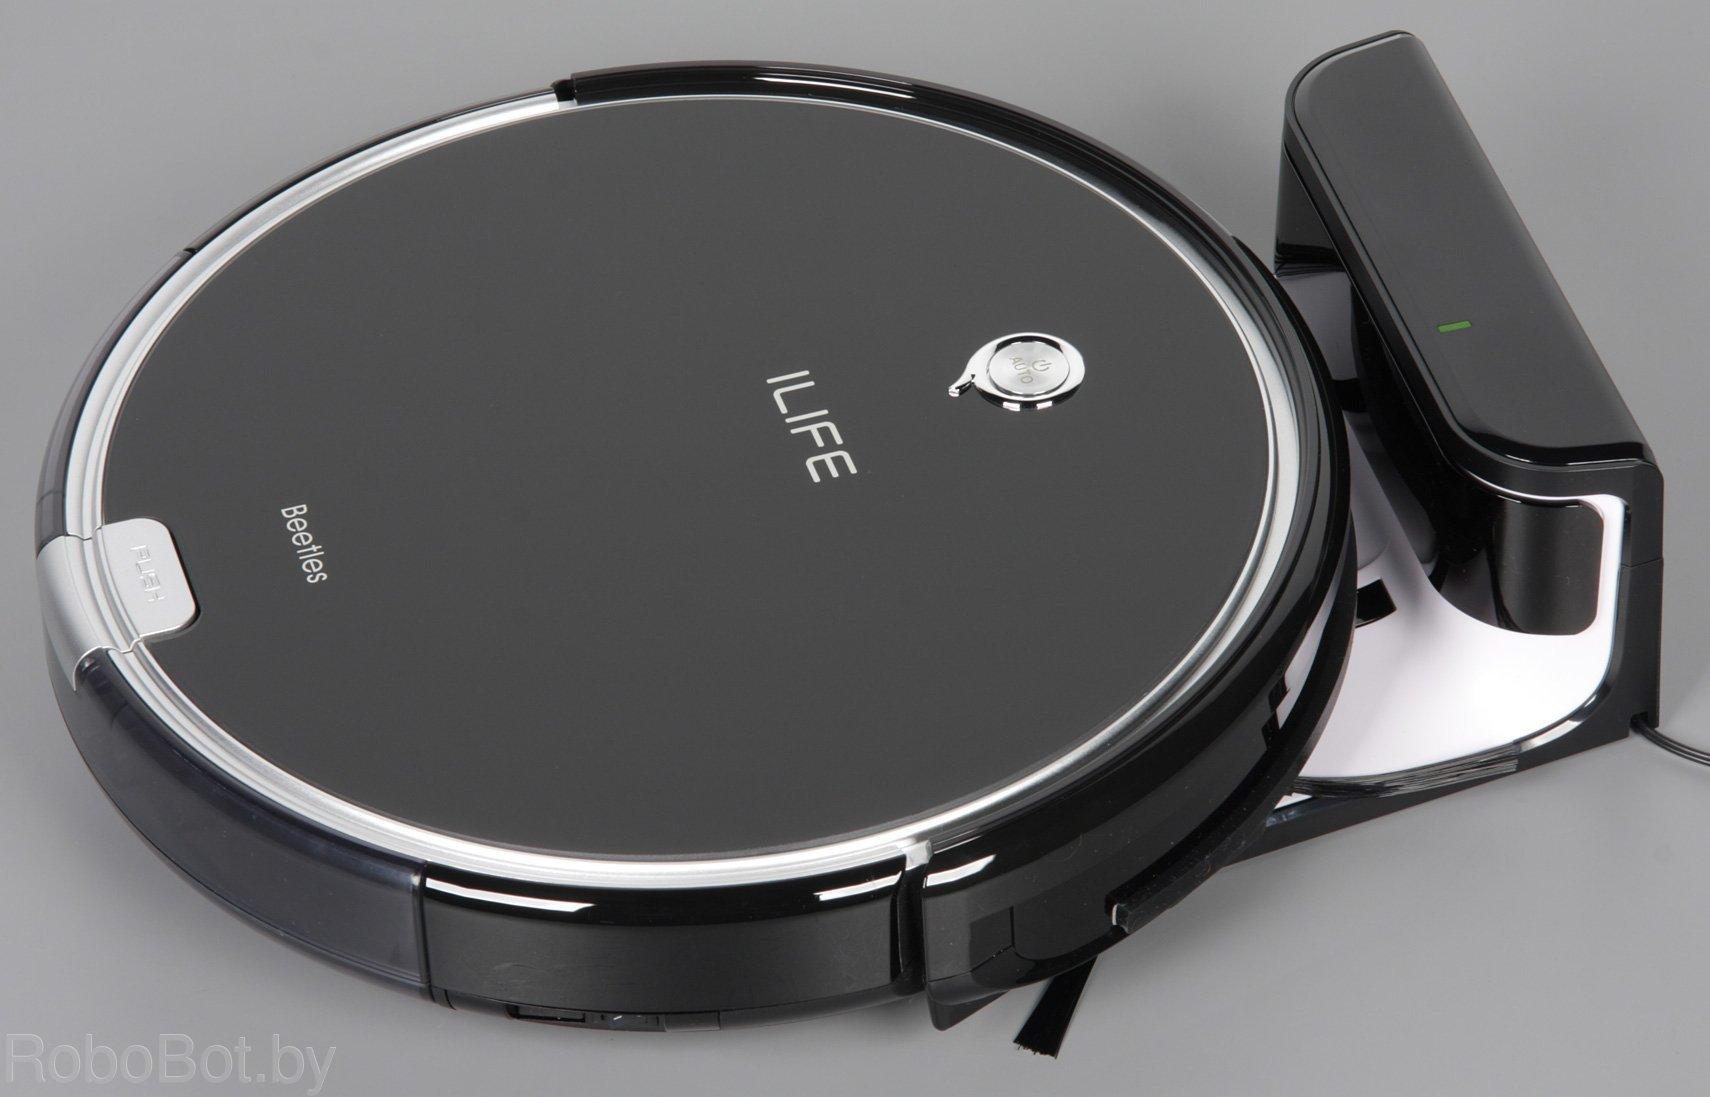 Робот пылесос iLife A6-1